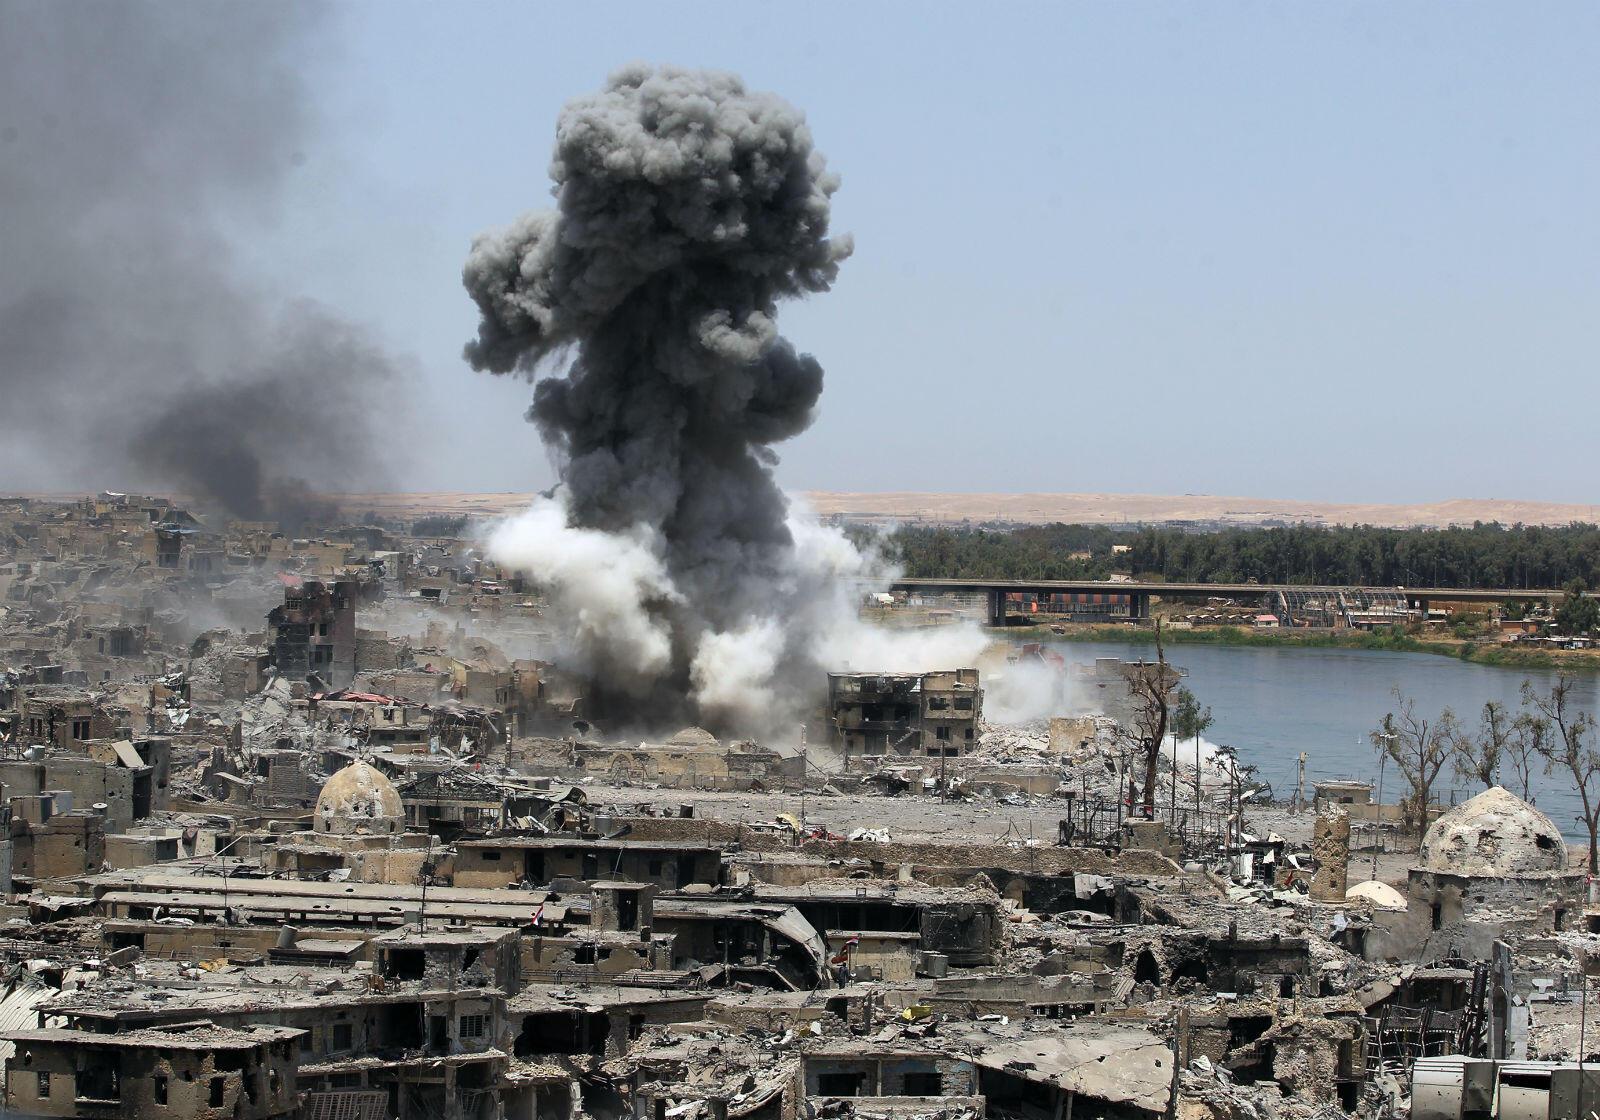 La victoire de Mossoul a été obtenue au prix de nombreuses destructions. Ici, la ville après une frappe américaine, le 9 juillet 2017.